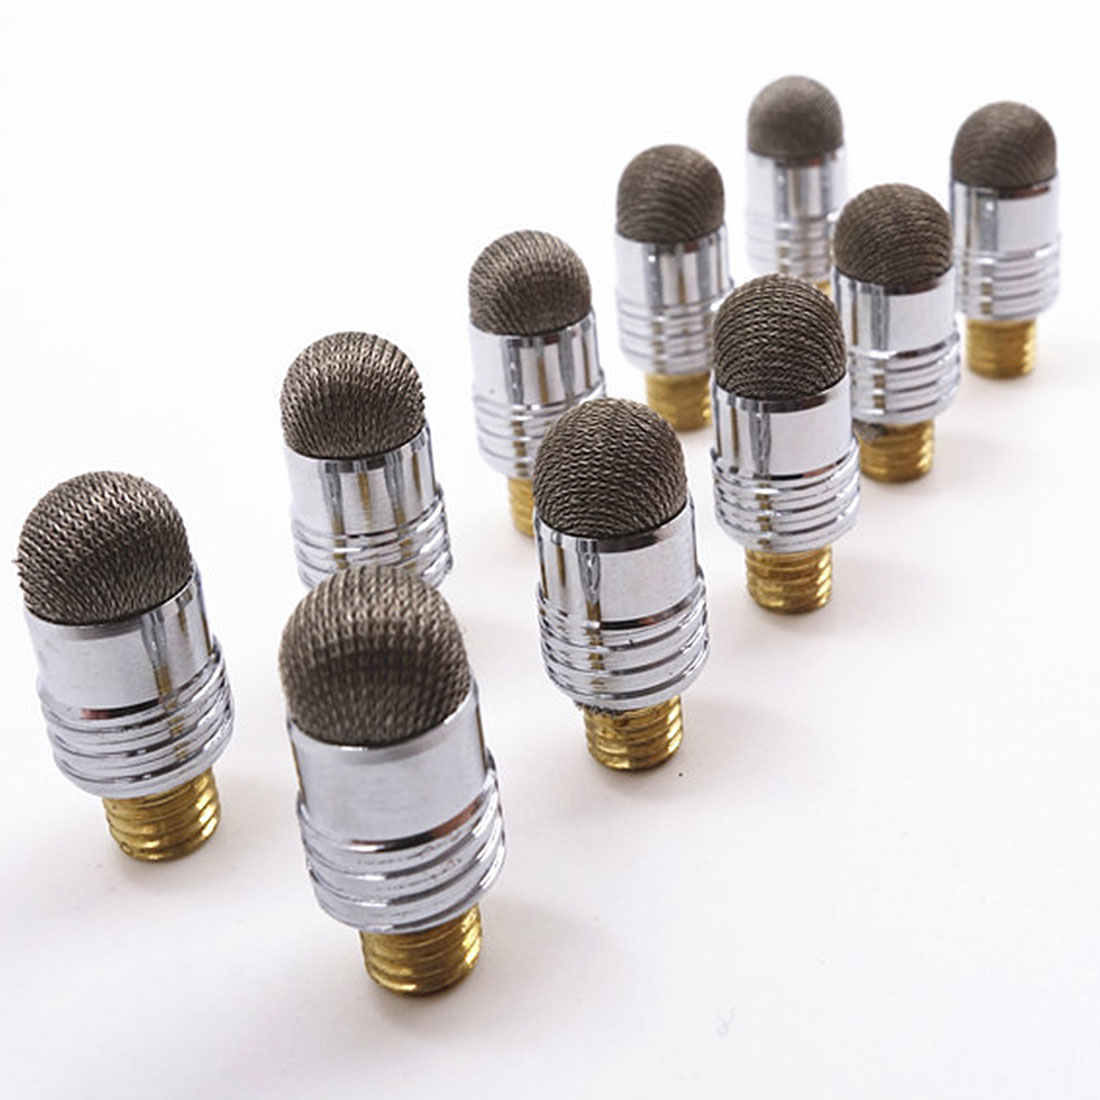 Емкостная насадка 6,0, проводящая сенсорная ручка, Универсальный сменный наконечник|Стилусы для планшетов|   | АлиЭкспресс